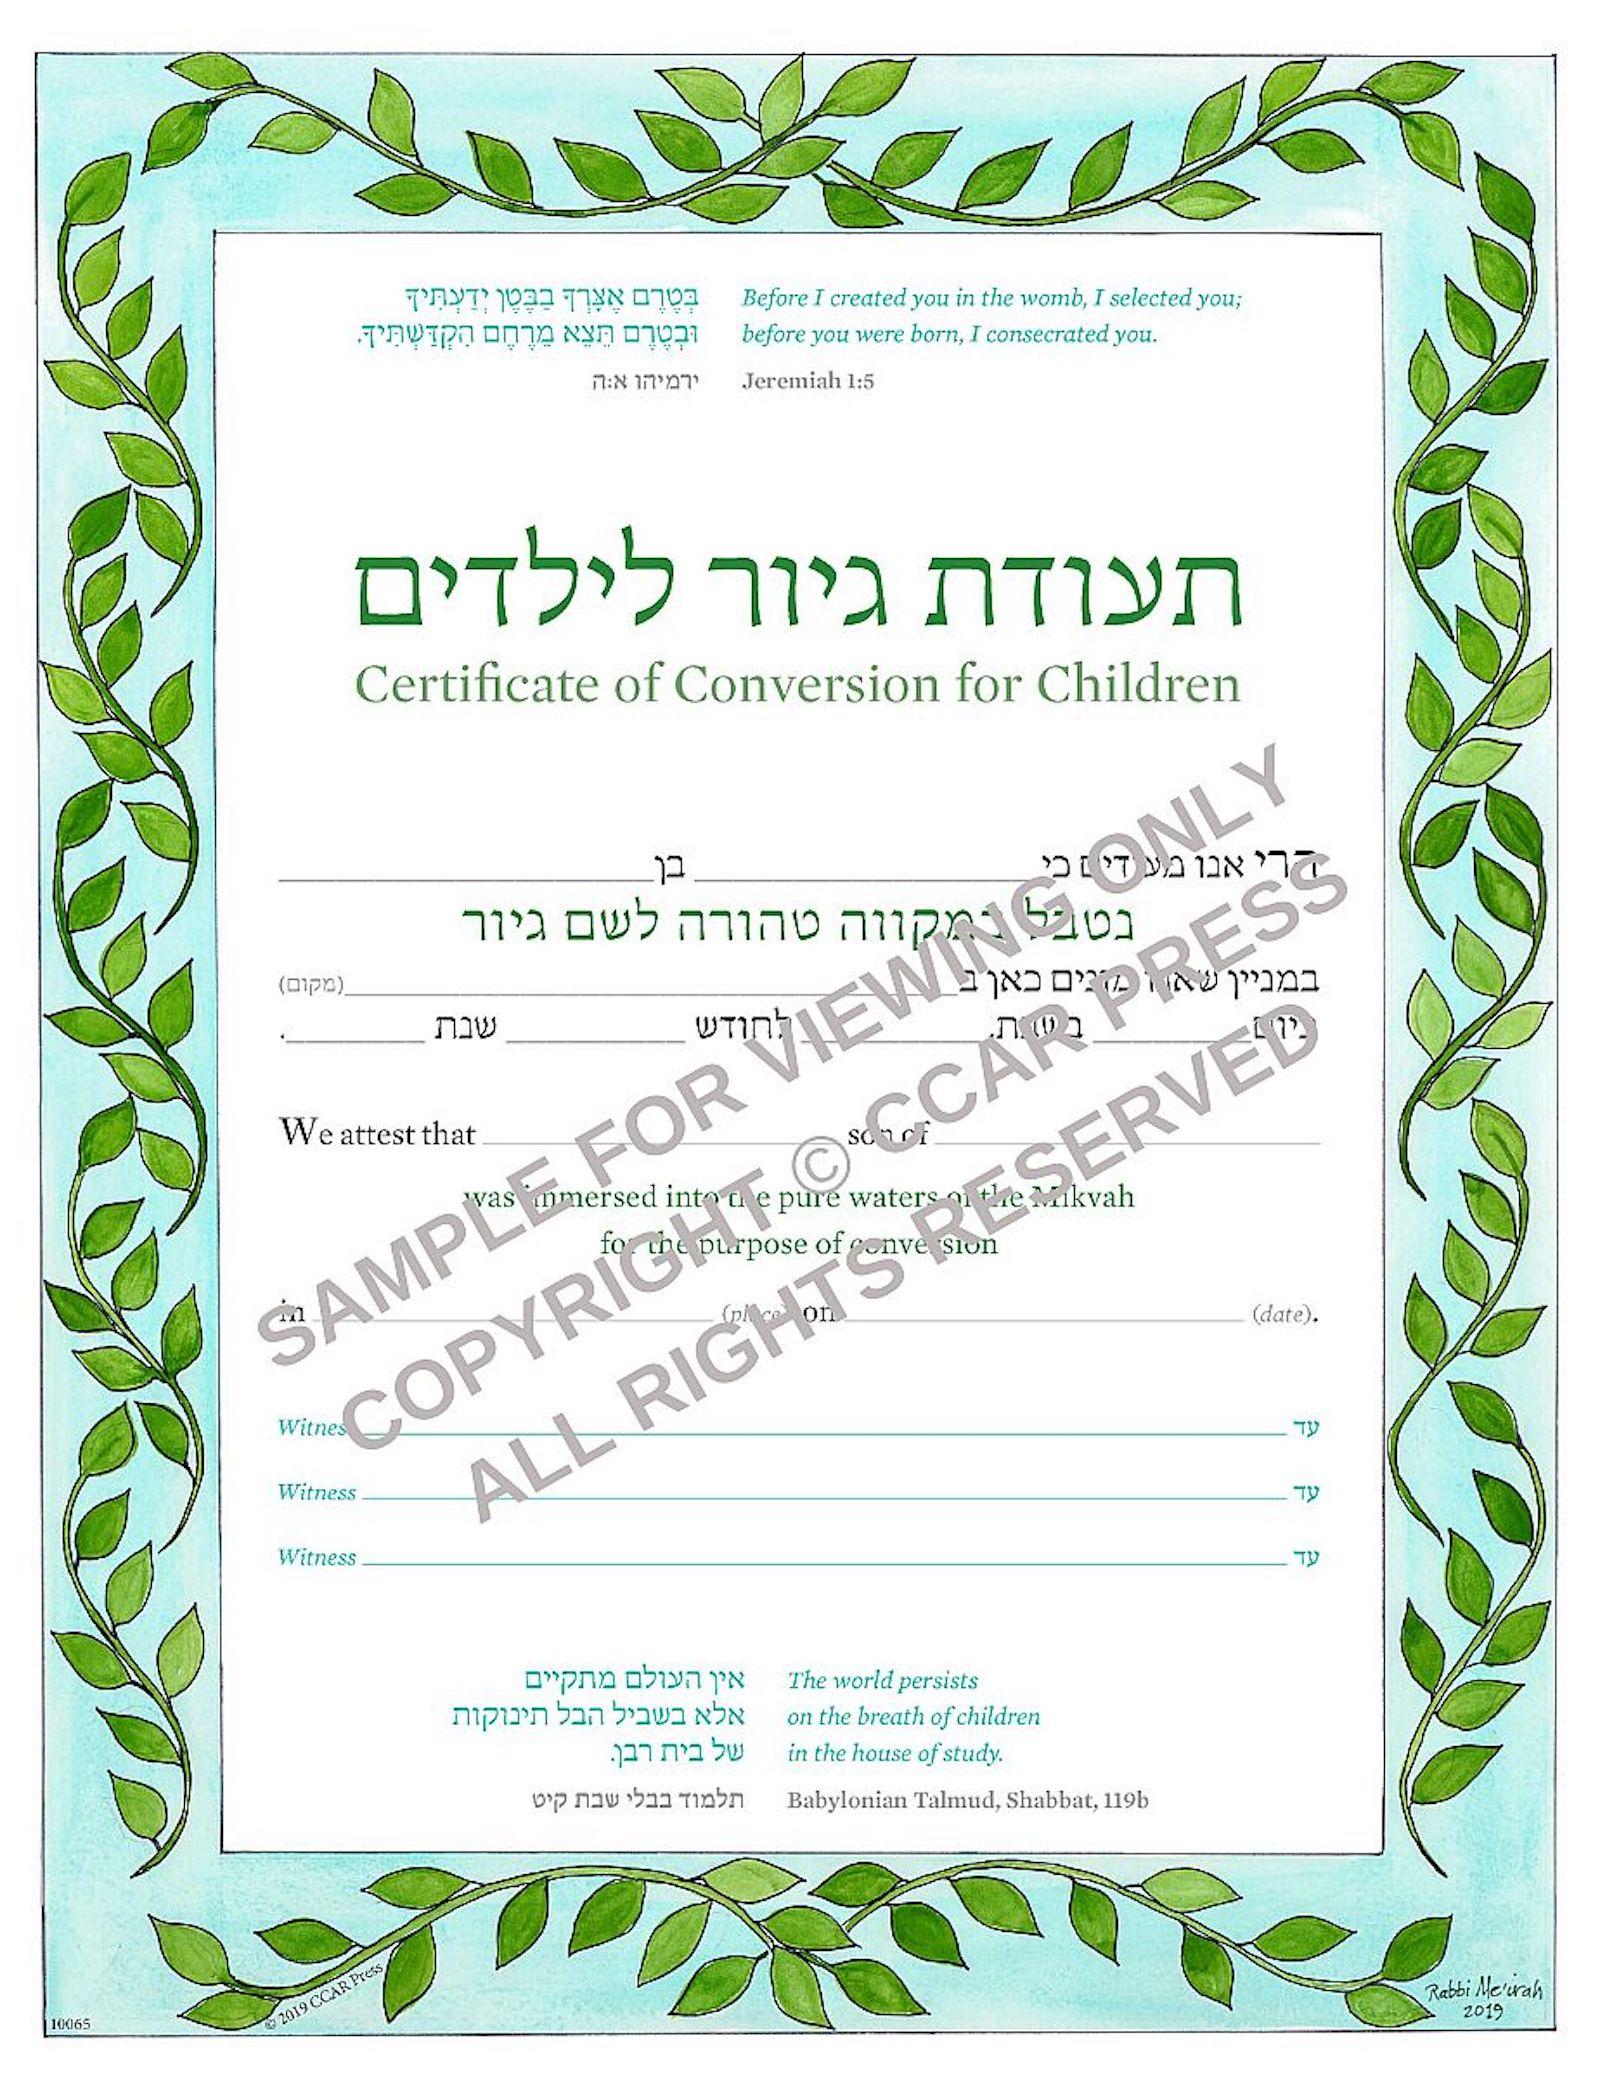 Child Conversion, Male - Certificate